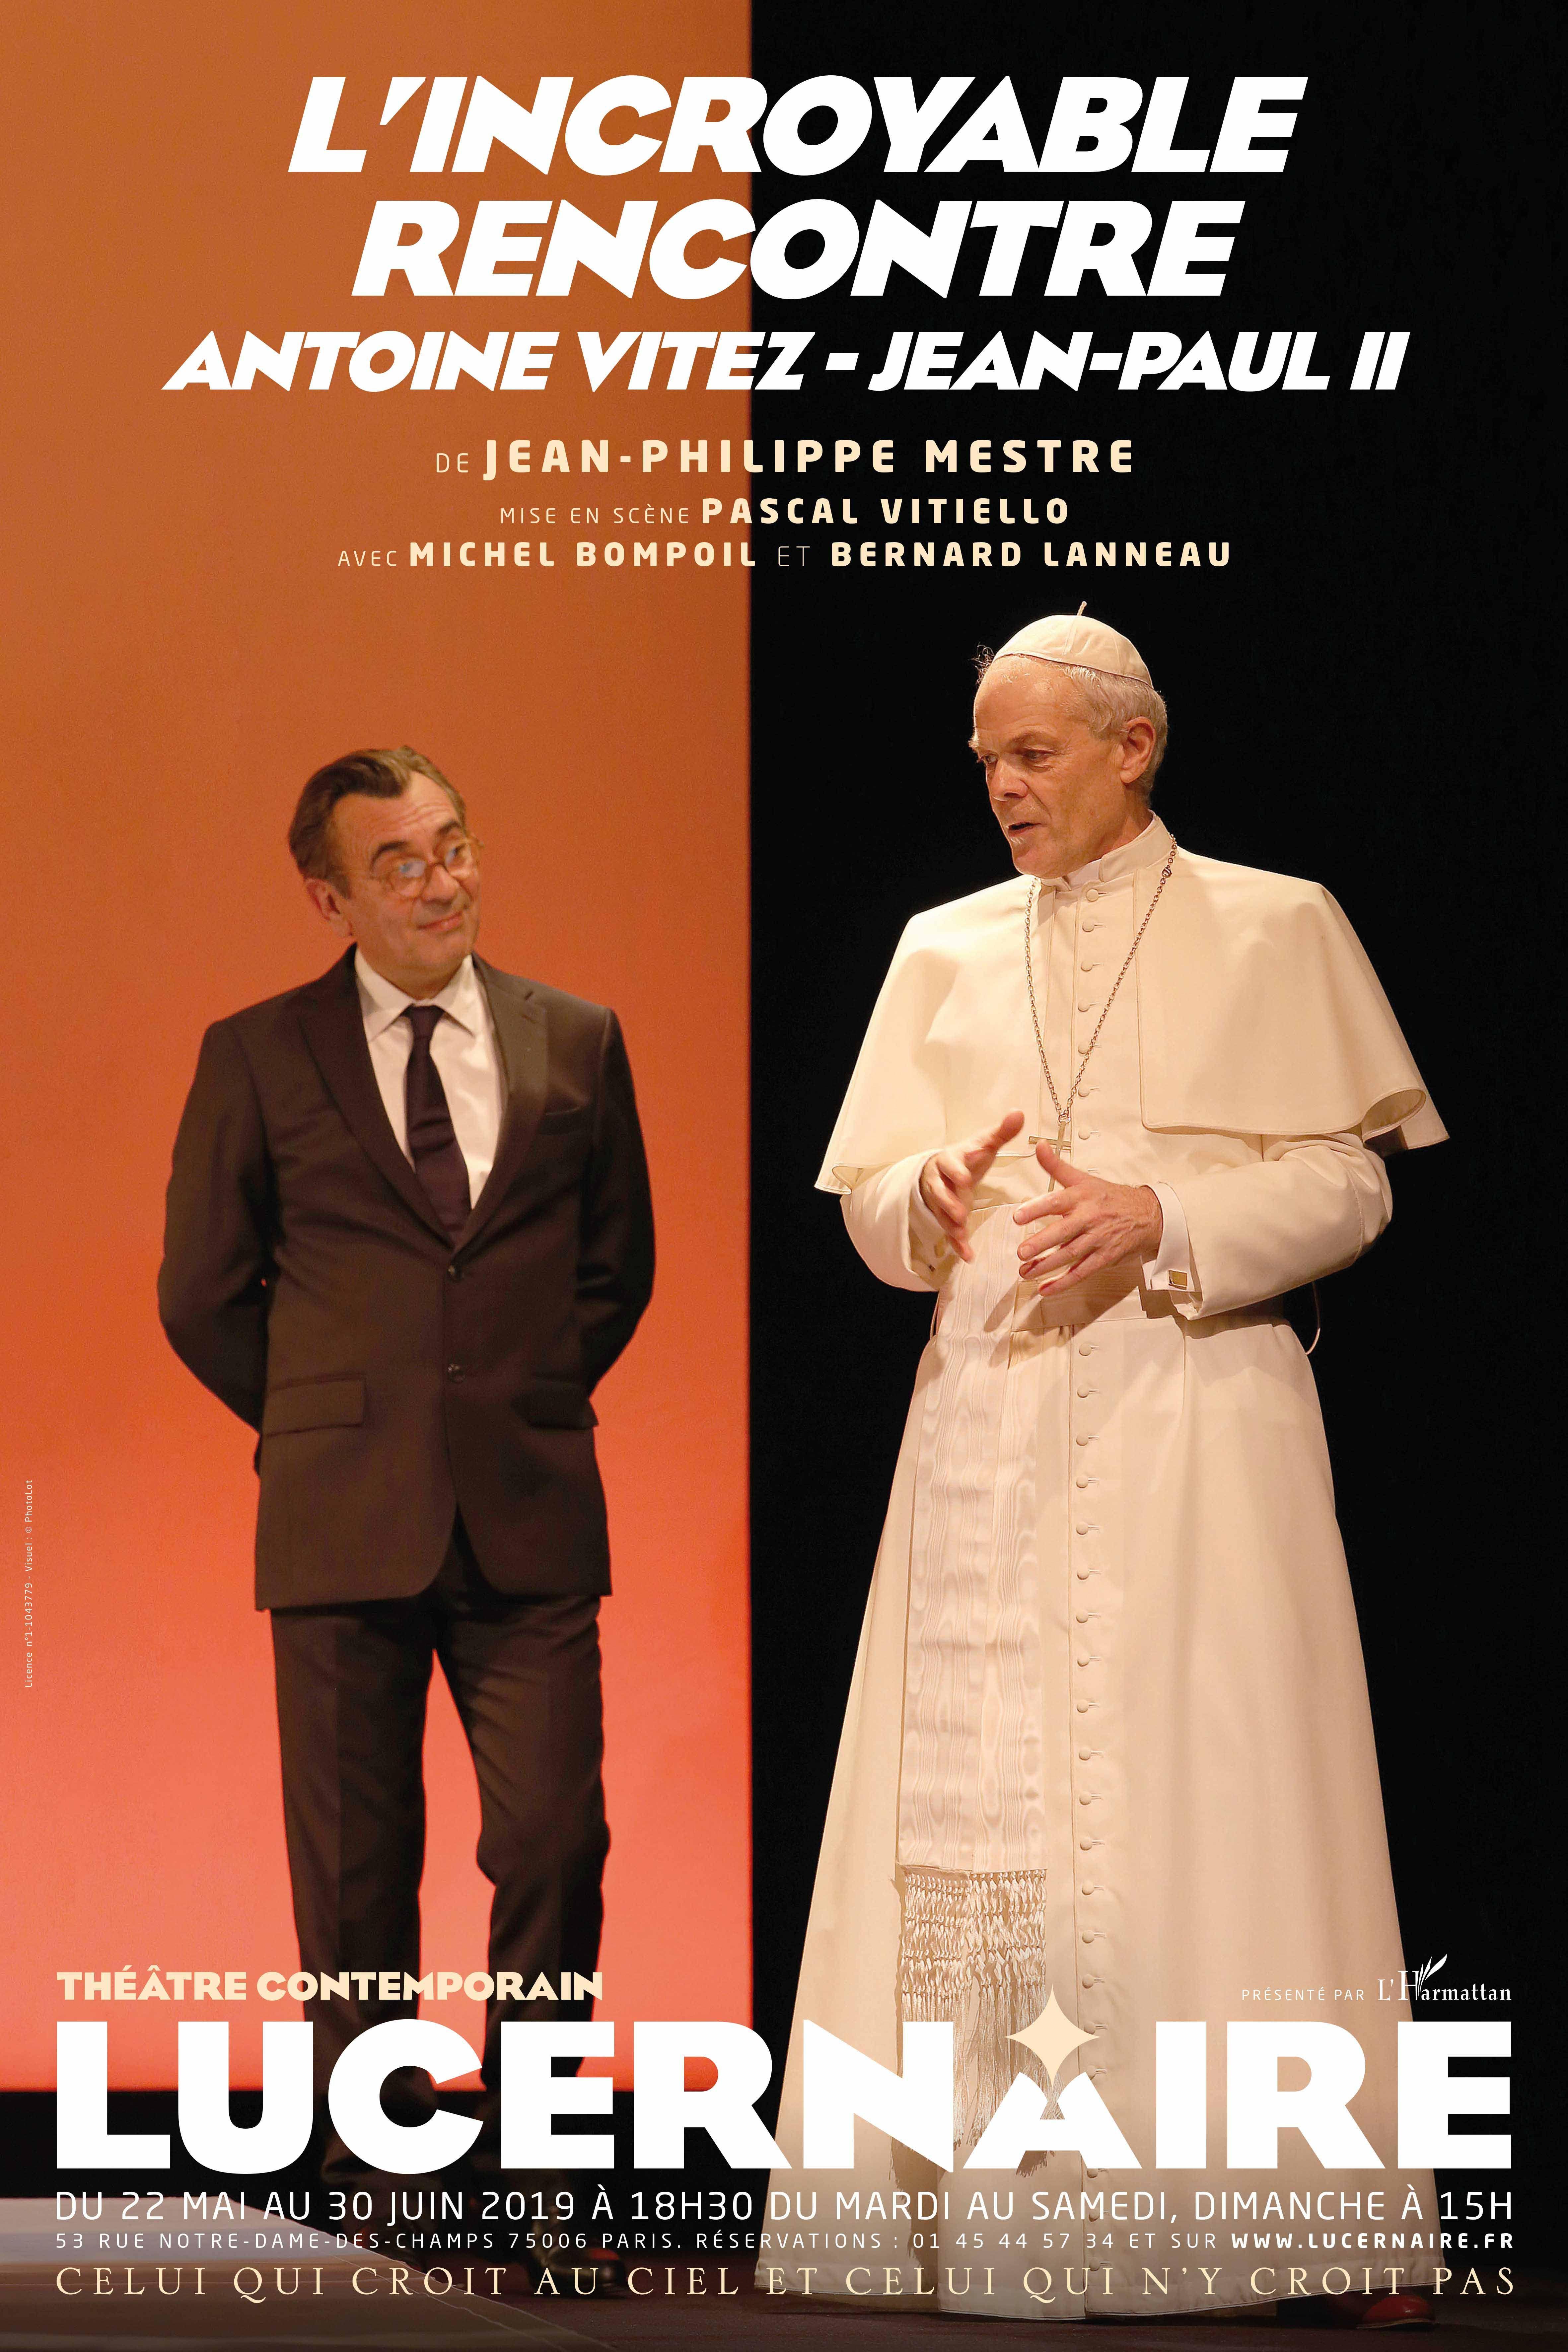 """""""L'incroyable rencontre Antoine Vitez - Jean-Paul II"""" de Jean-Philippe Mestre: une formidable leçon d'humanisme"""